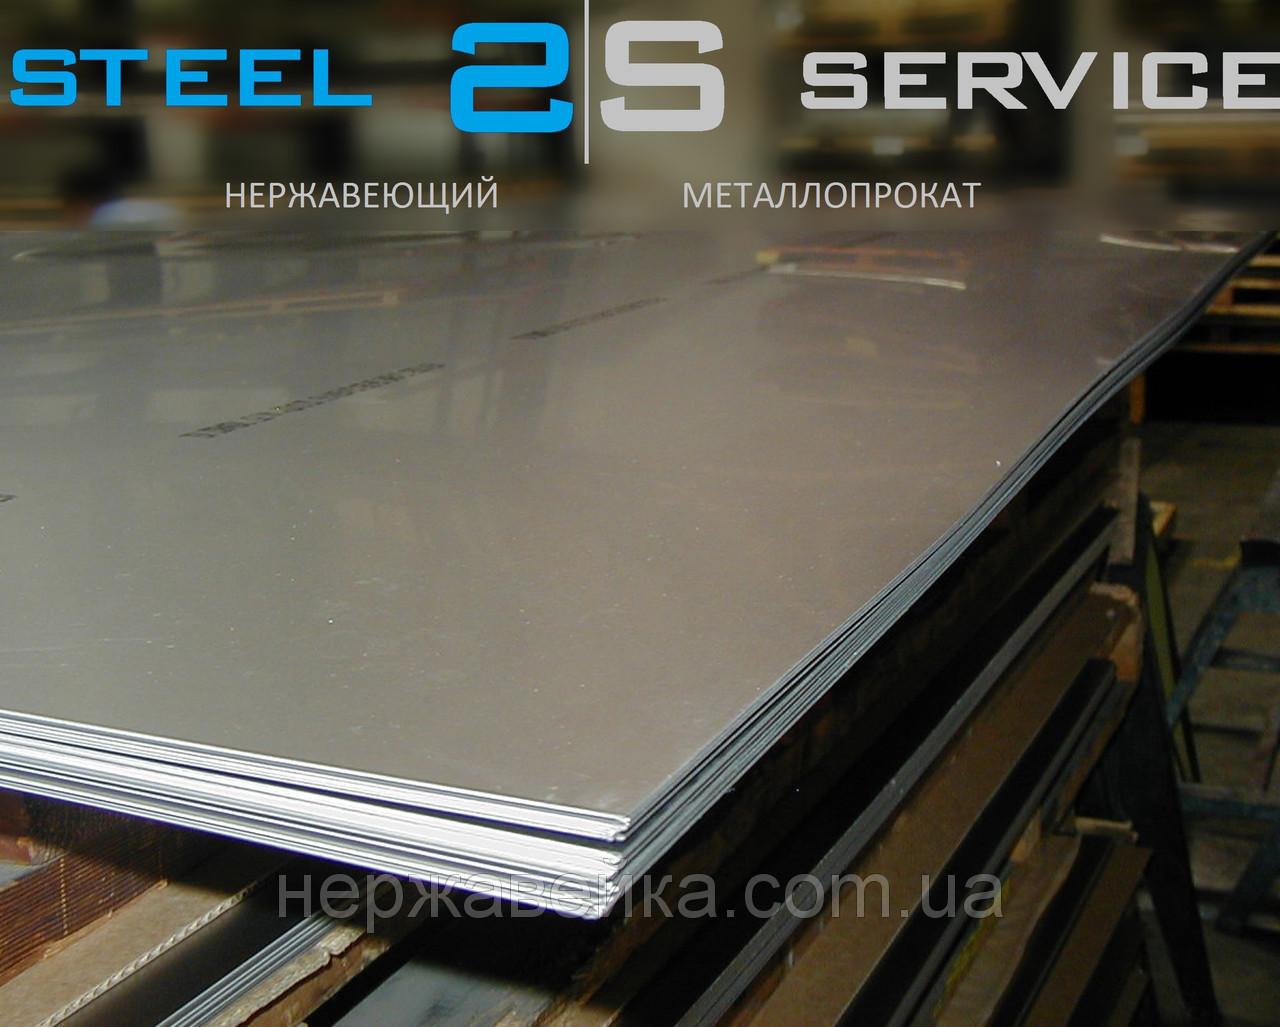 Нержавейка лист 5х1250х2500мм  AISI 310(20Х23Н18) F1 - горячекатанный,  жаропрочный